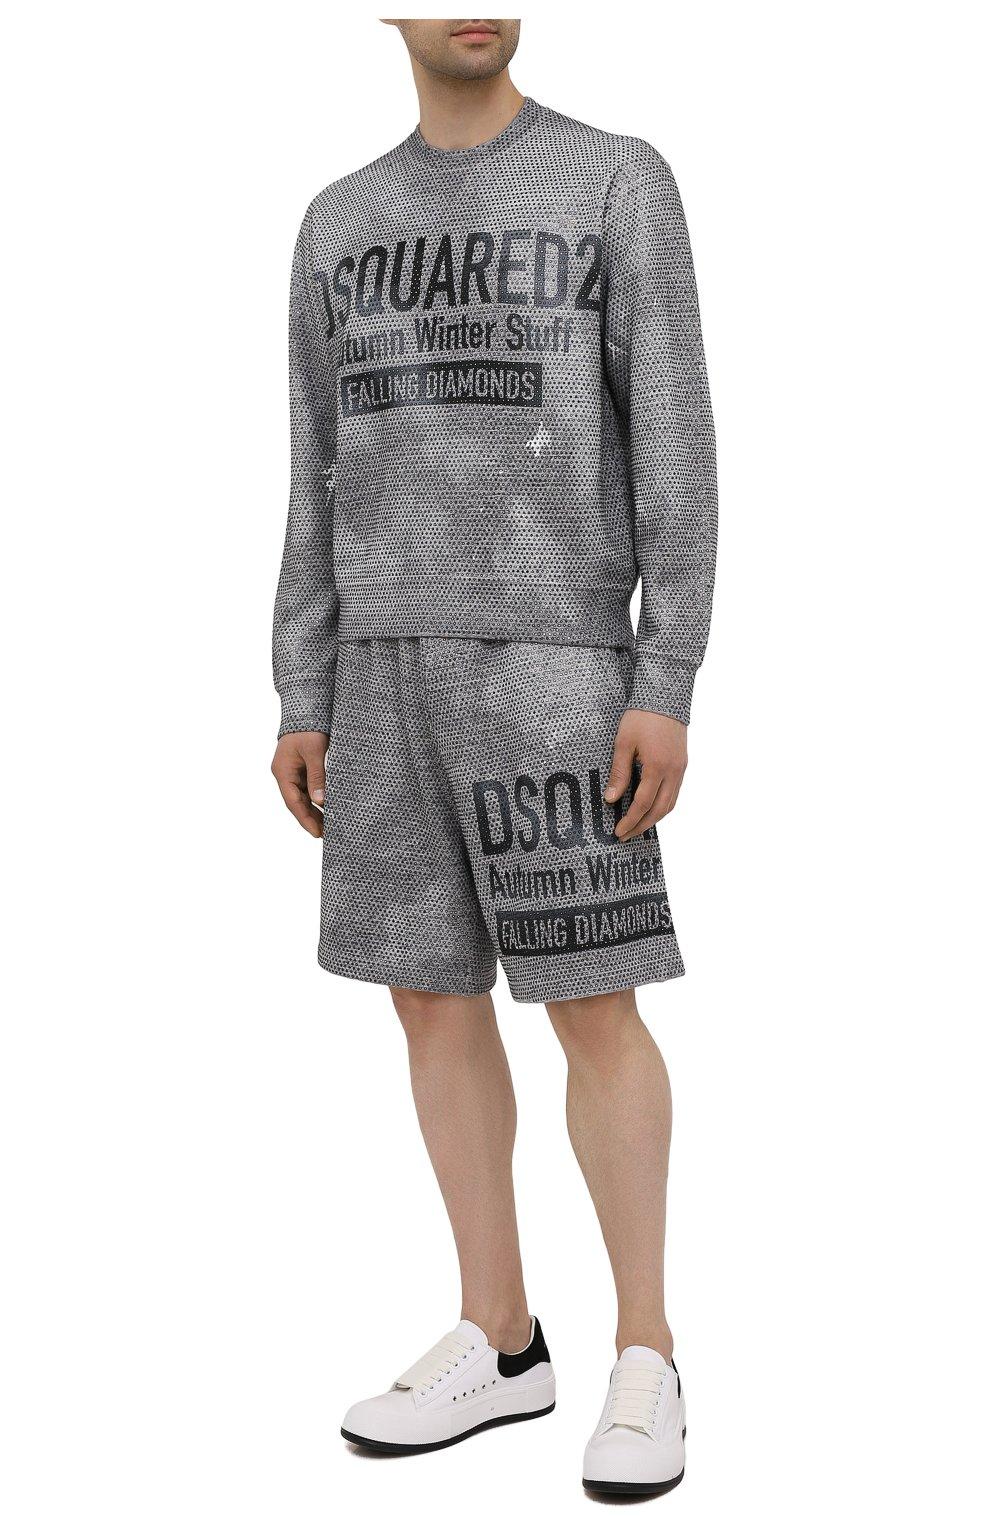 Мужские хлопковые шорты DSQUARED2 серого цвета, арт. S74MU0676/S25477   Фото 2 (Длина Шорты М: До колена; Принт: С принтом; Кросс-КТ: Трикотаж; Материал внешний: Хлопок; Стили: Спорт-шик)